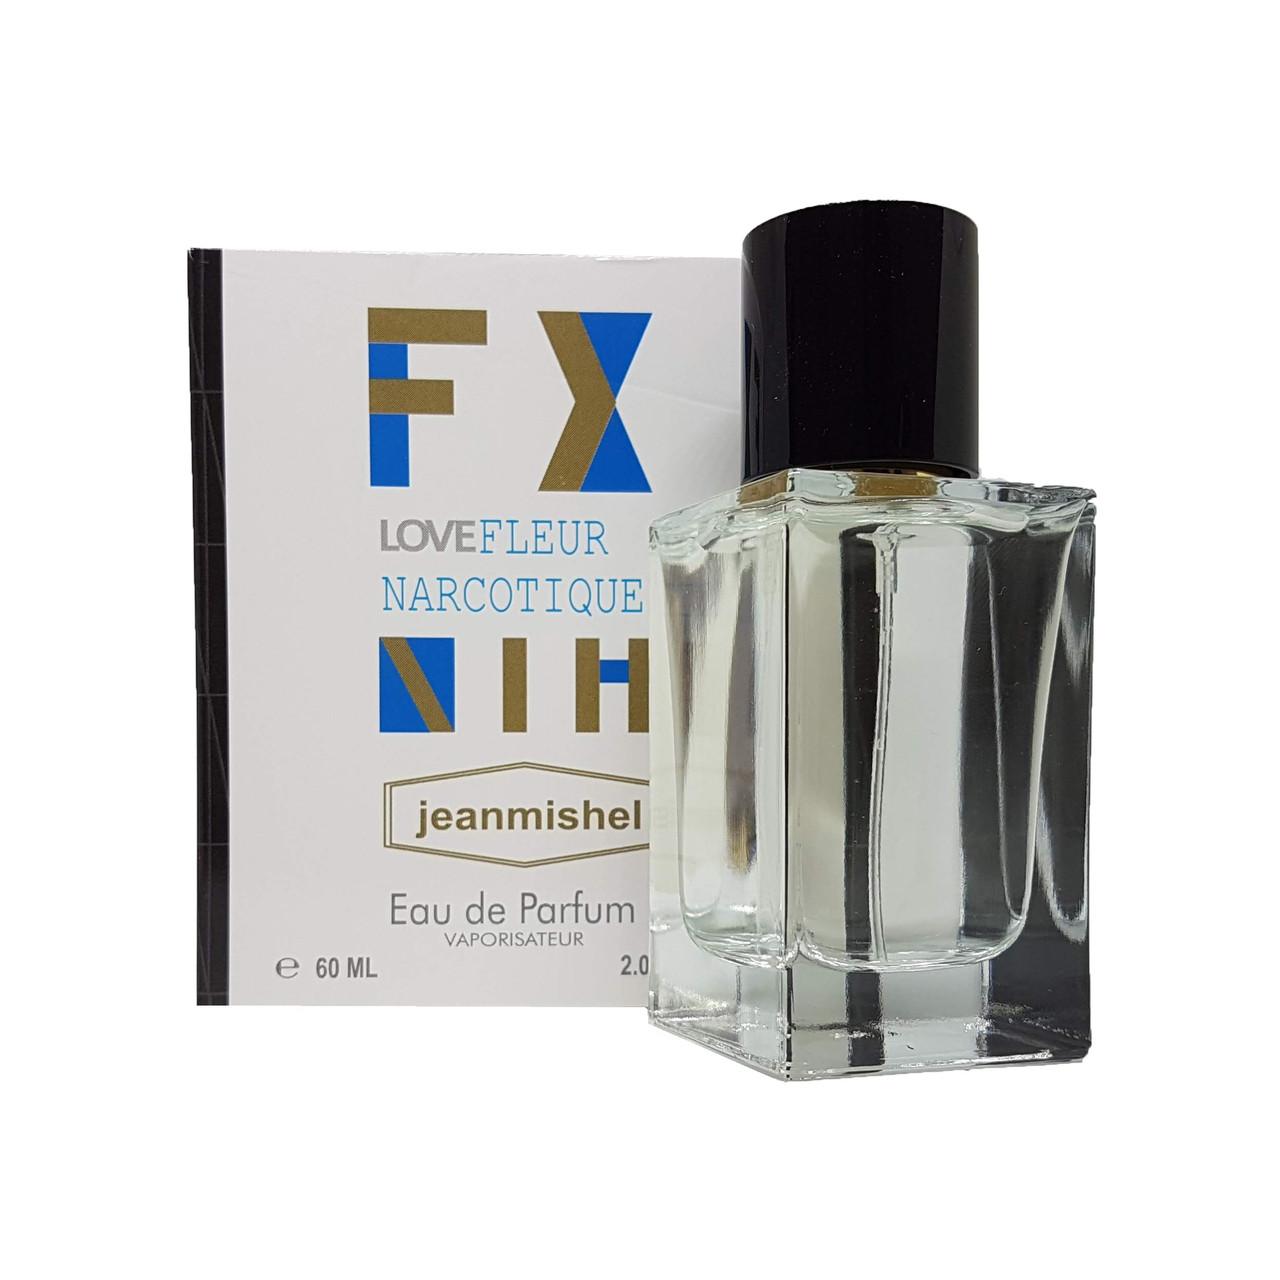 EX Nihilo Fleur Narcotique Eau De Parfum 50ml eBay Lune noire (astrologie) Wikip dia Chat cam-Tchat webcam-Rencontre-chat gratuit page